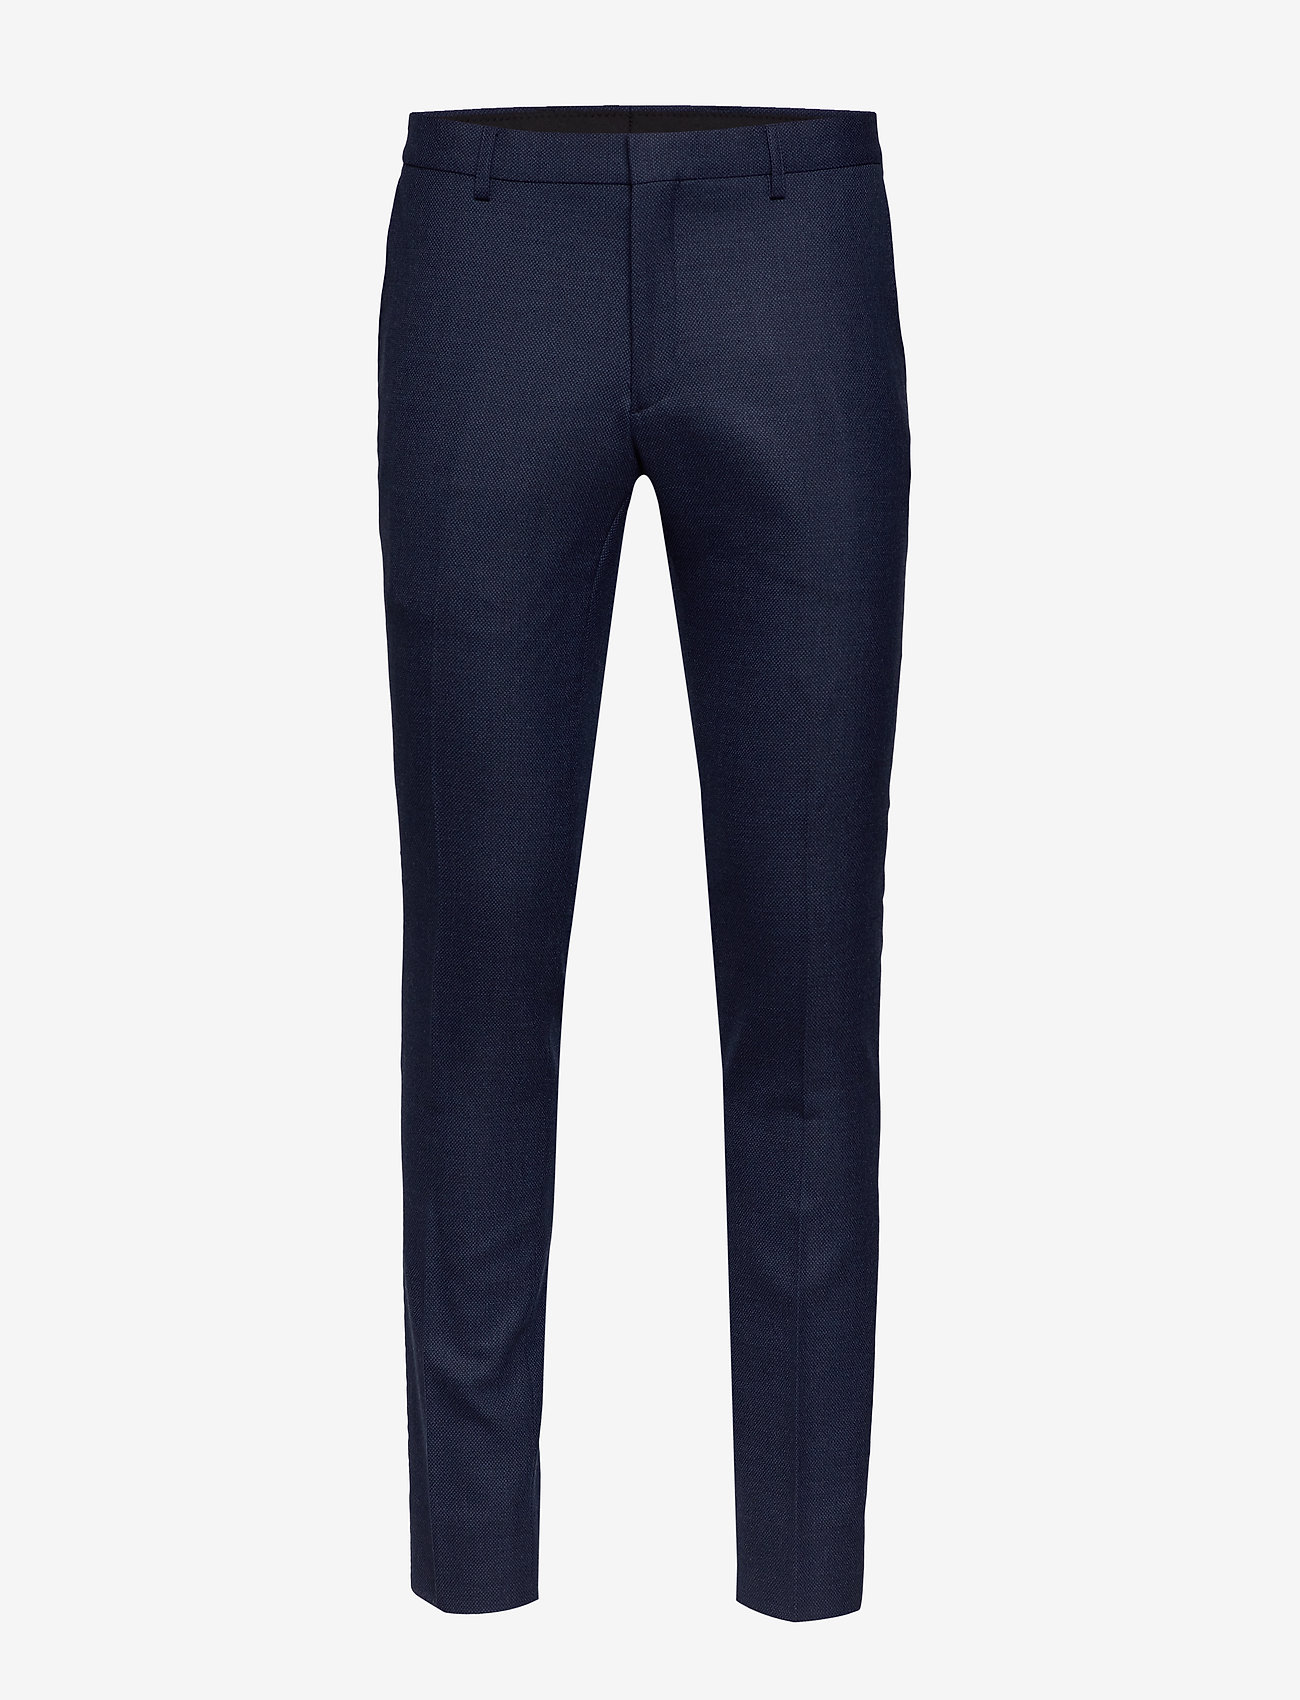 Bs Abruzzo Slim, Suit (Navy) - Bruun & Stengade 8HtCEY